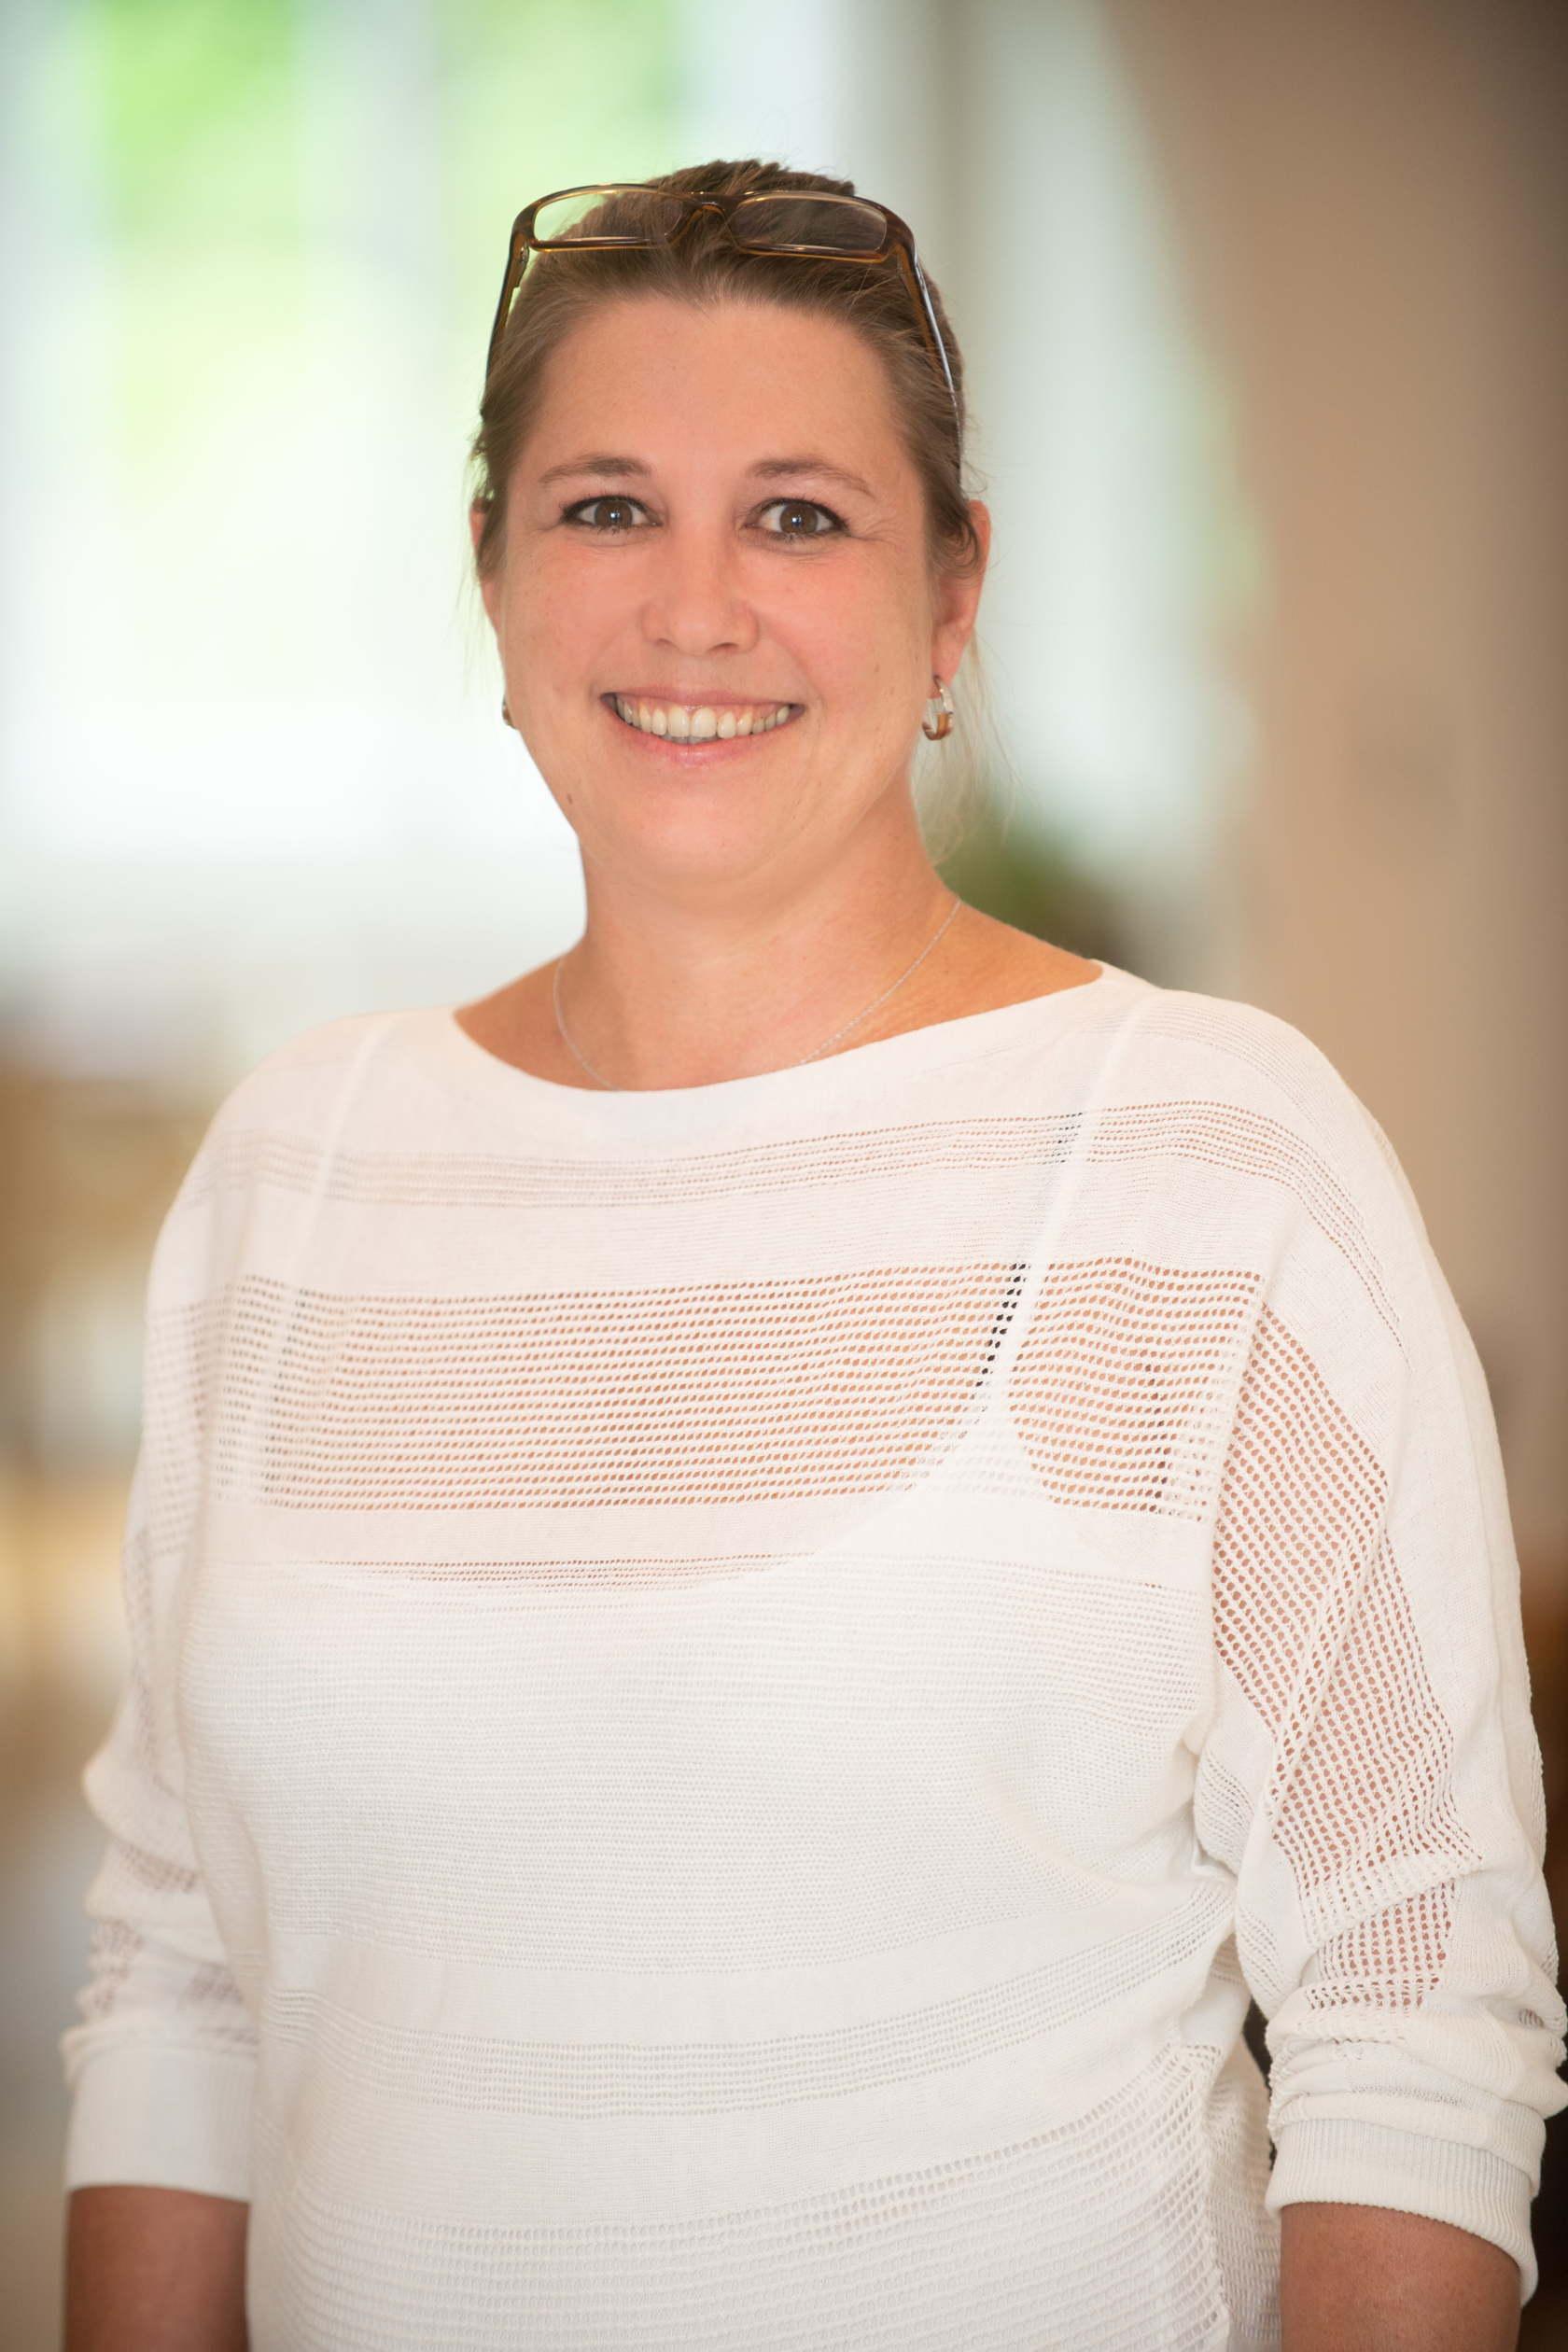 Dr. Doris Reinwald-Jaksche